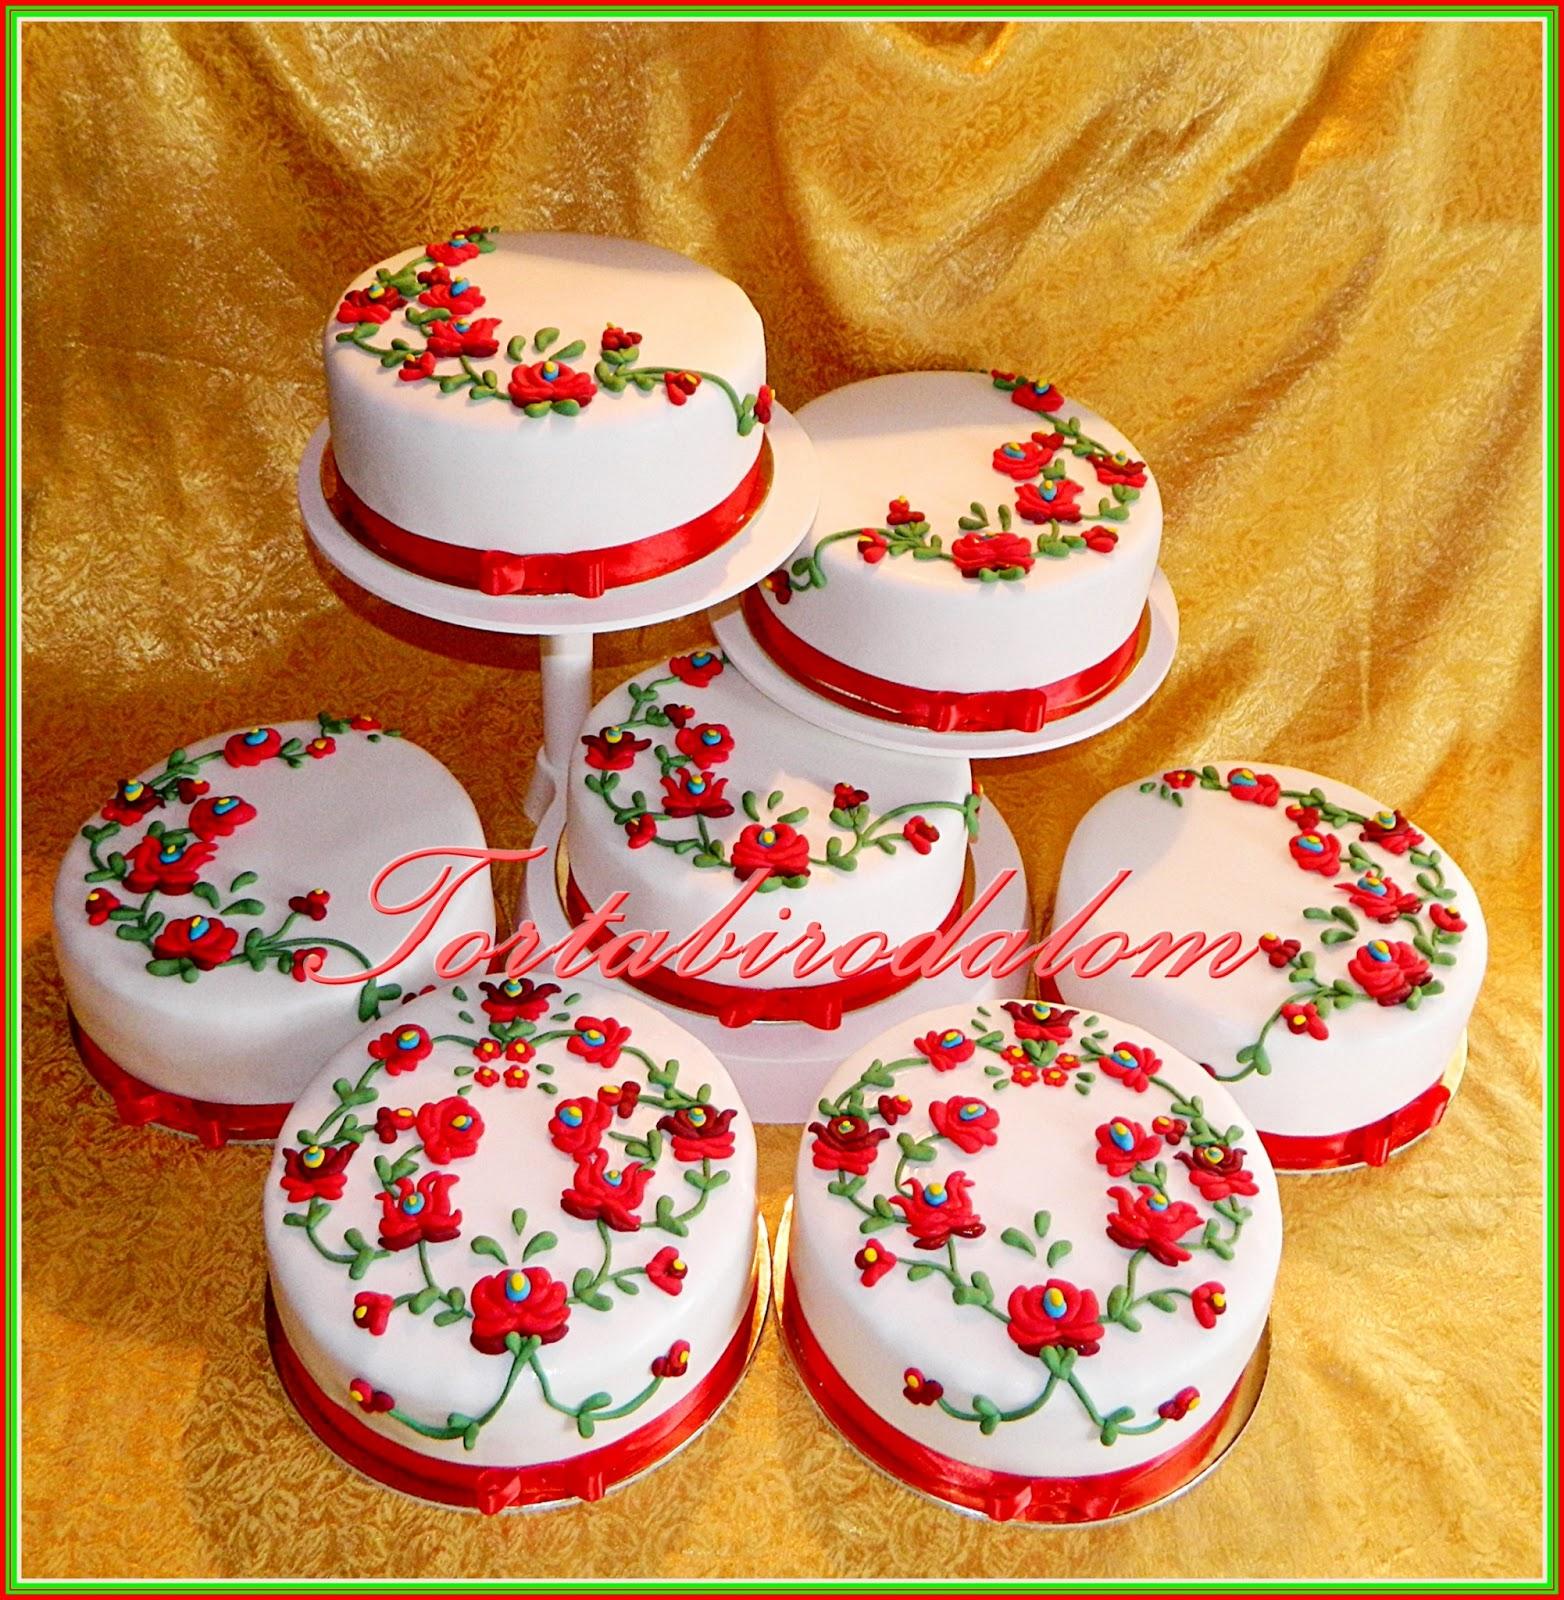 kalocsai mintás esküvői torta Kalocsai esküvői torta, ami matyó :) | Tortabirodalom kalocsai mintás esküvői torta